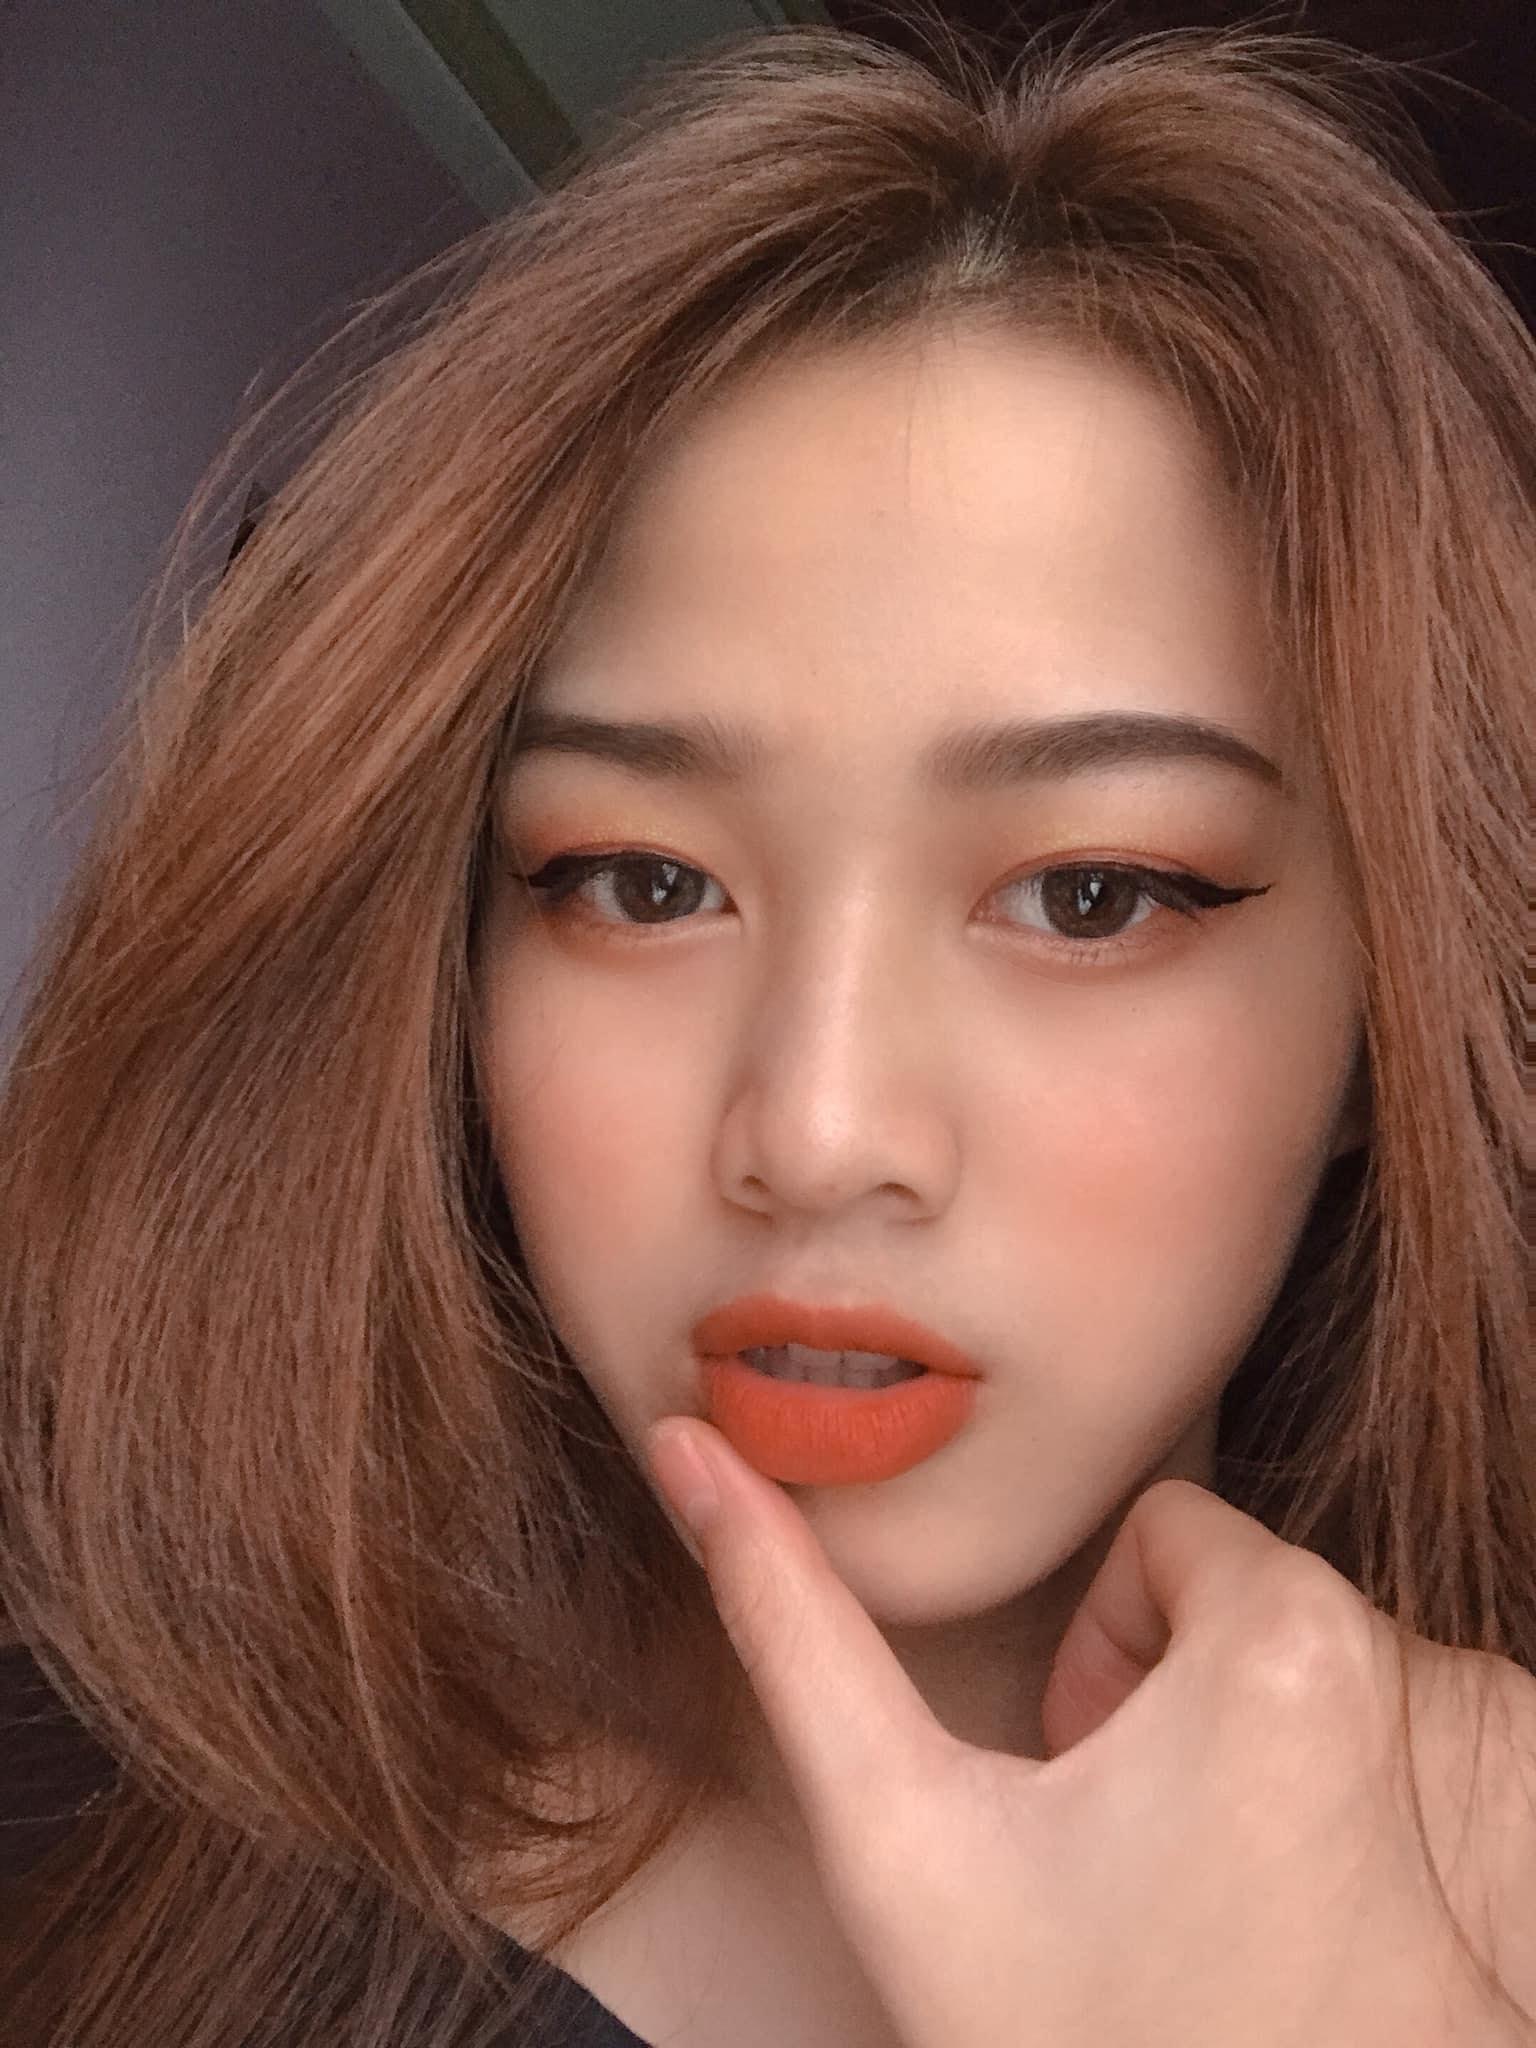 2 sắc son tô điểm nhan sắc cho nàng Tân Hoa hậu 19 tuổi: Ngay cả đêm chung kết Đỗ Thị Hà cũng diện  - Ảnh 5.